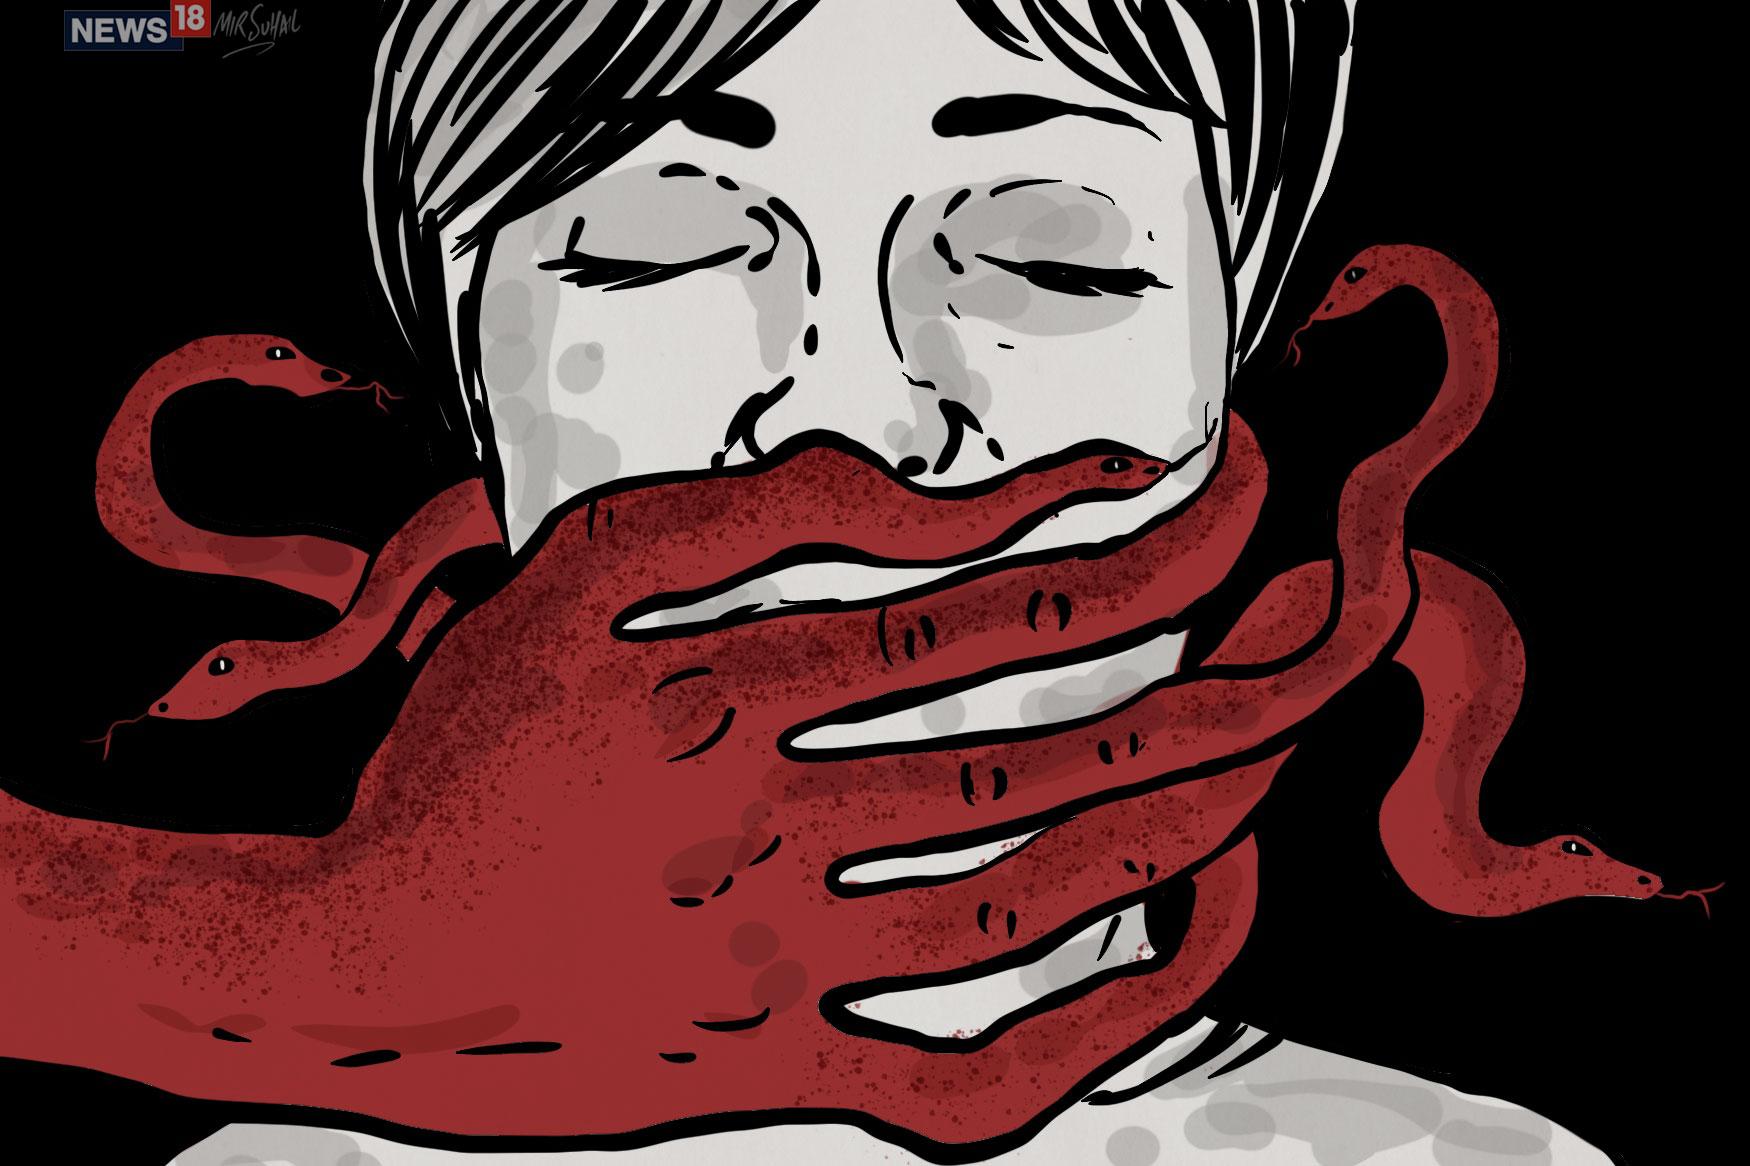 हैदराबाद गँगरेप हत्या : 'मदतीसाठी 100 नंबर फिरवला होता पण...' कुटुंबीयांनी उघड केला चीड आणणारा अनुभव